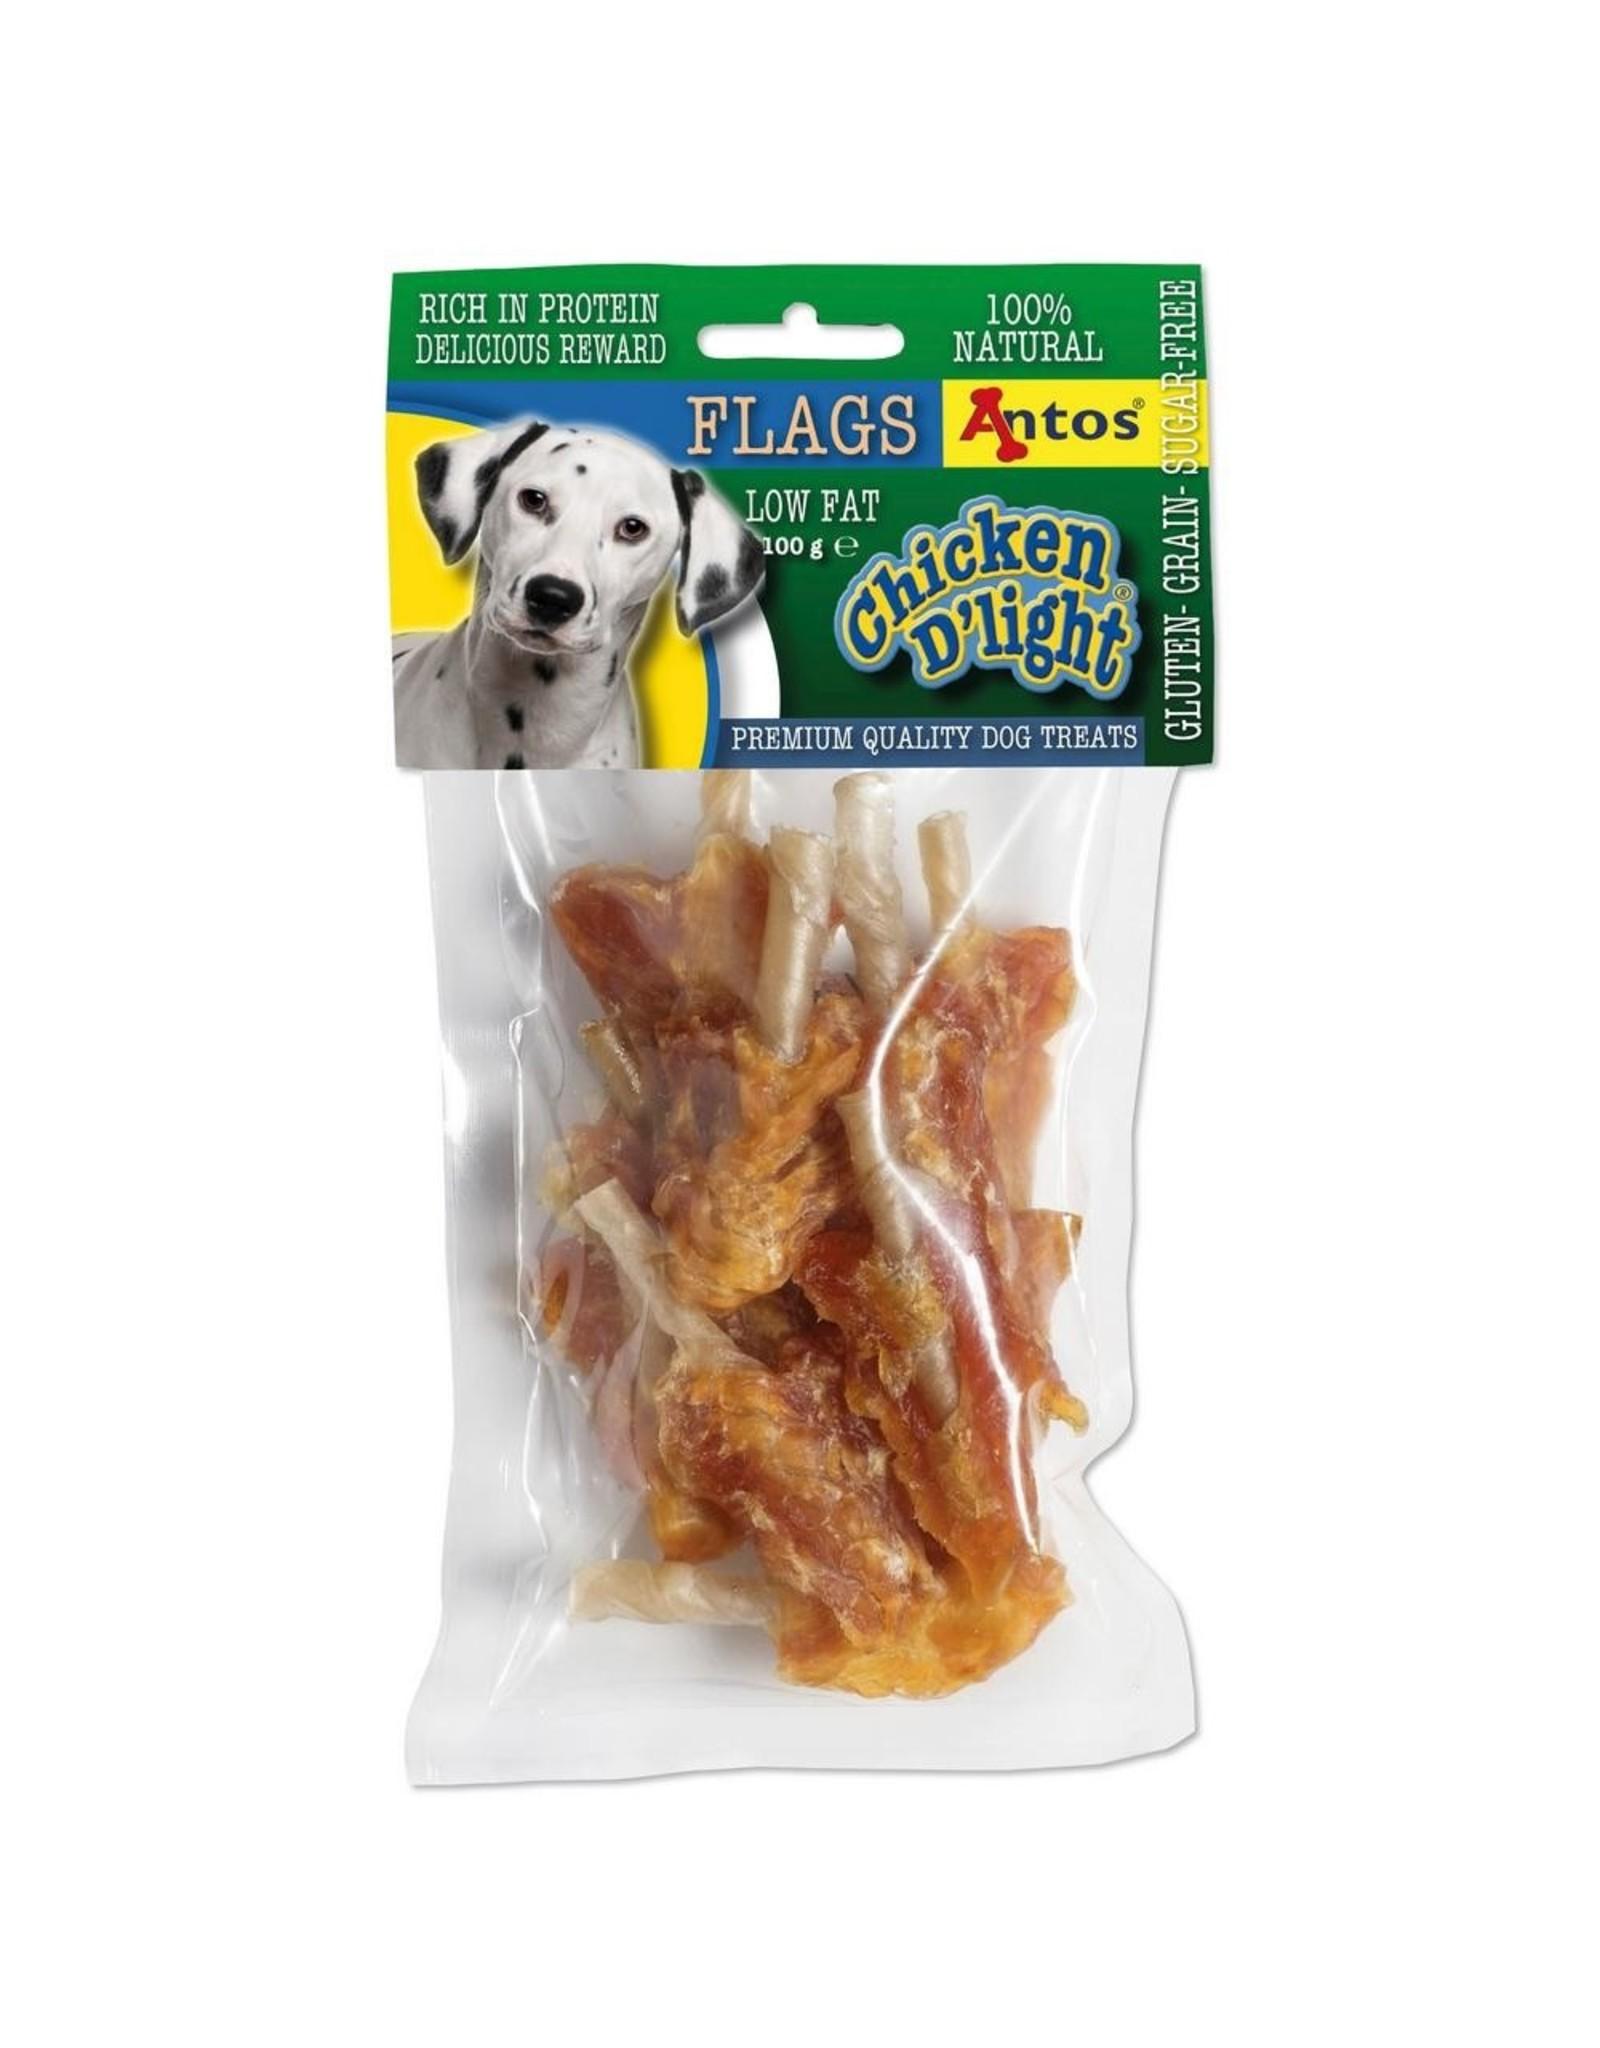 Antos Chicken D'light Flags - 100 Gram